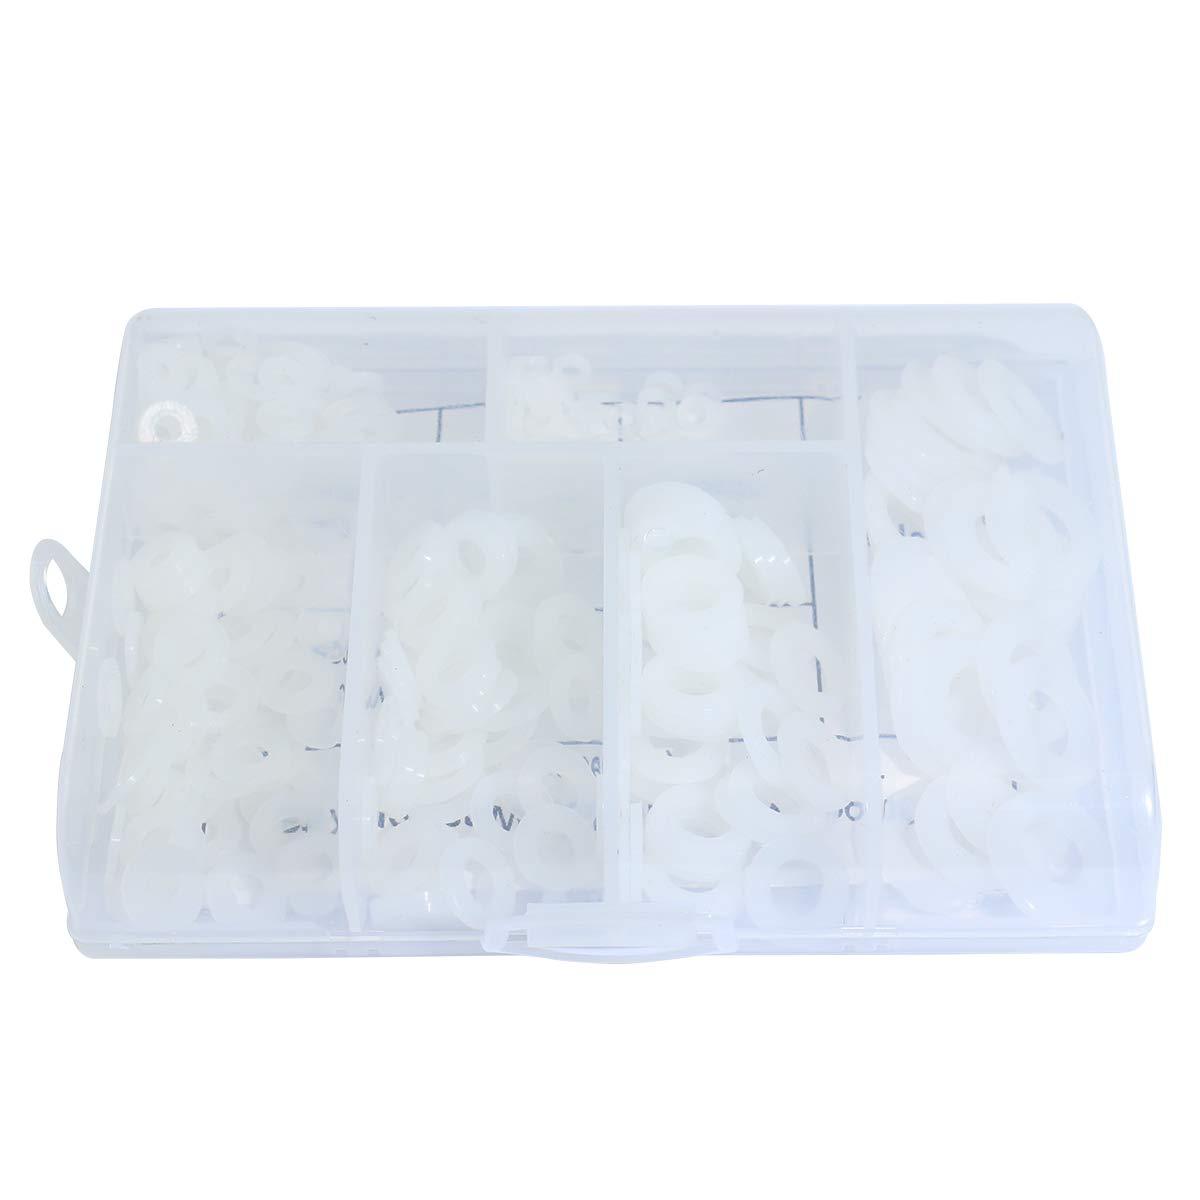 M2.5 M3 M4 M5 M6 M8 Boeray 330pcs Metric Black Nylon Plastic Washer Flat Washer Assortment Kit